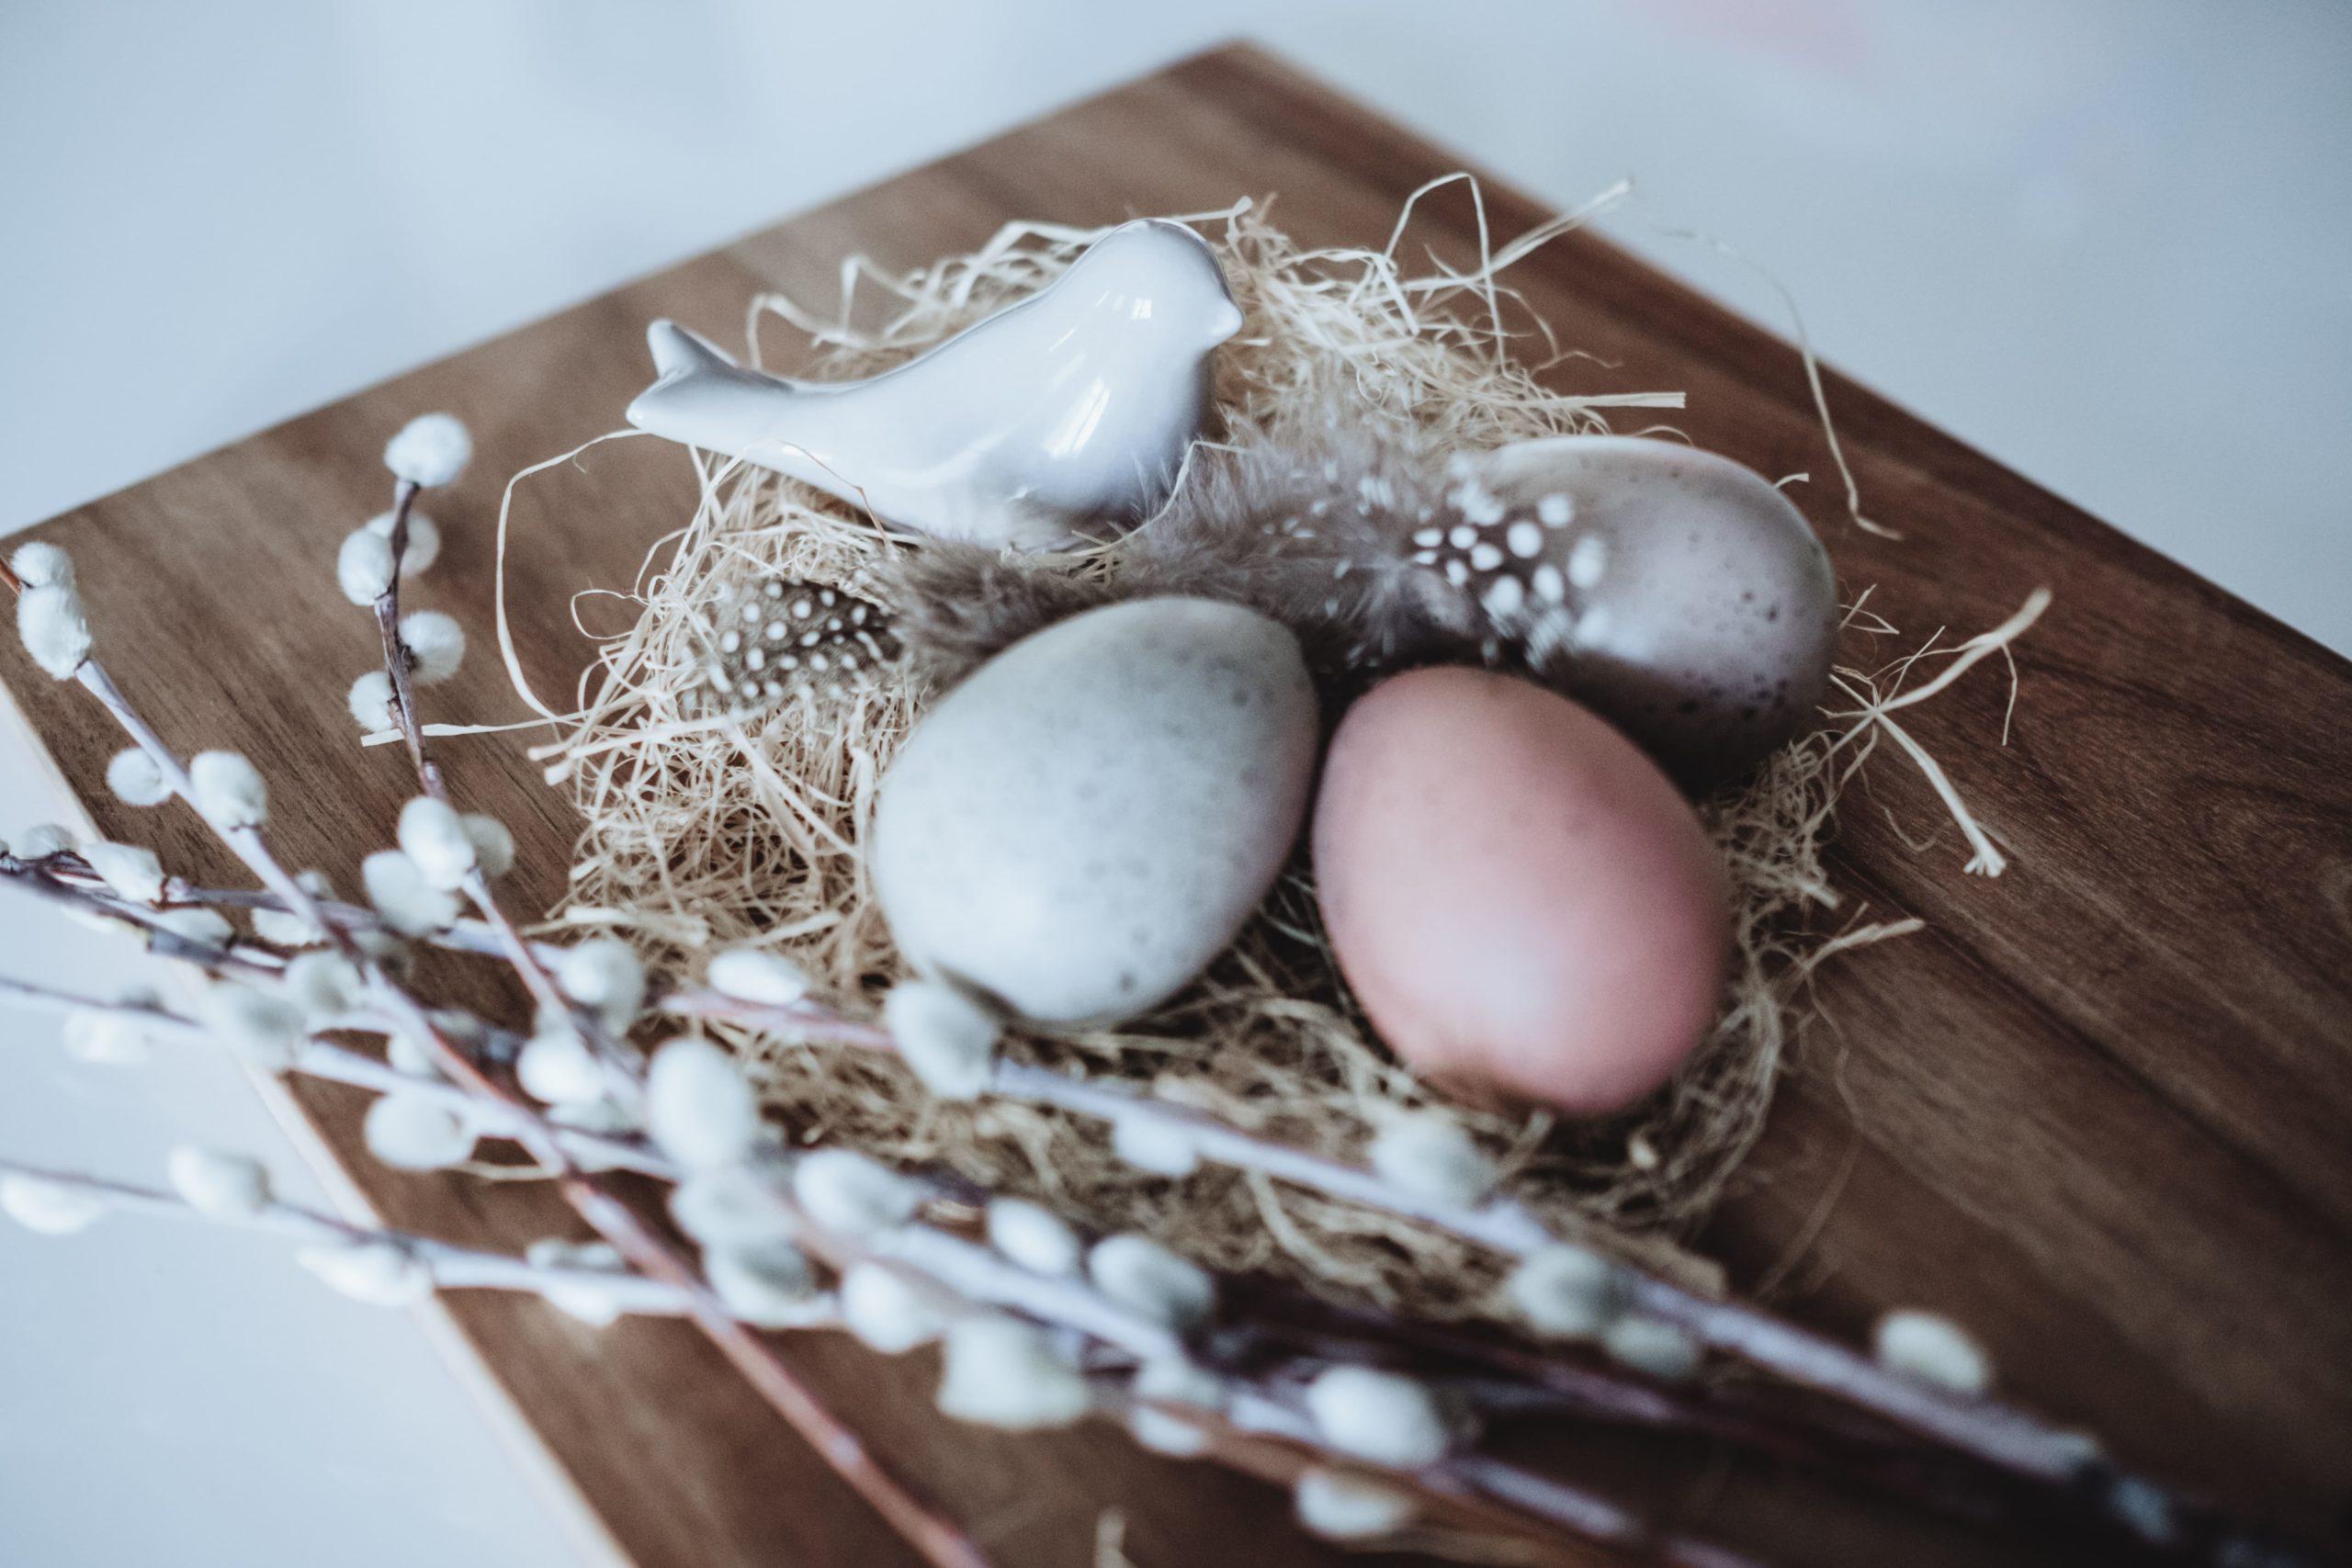 Wielkanoc 2021 - kiedy wypada, historia i tradycje